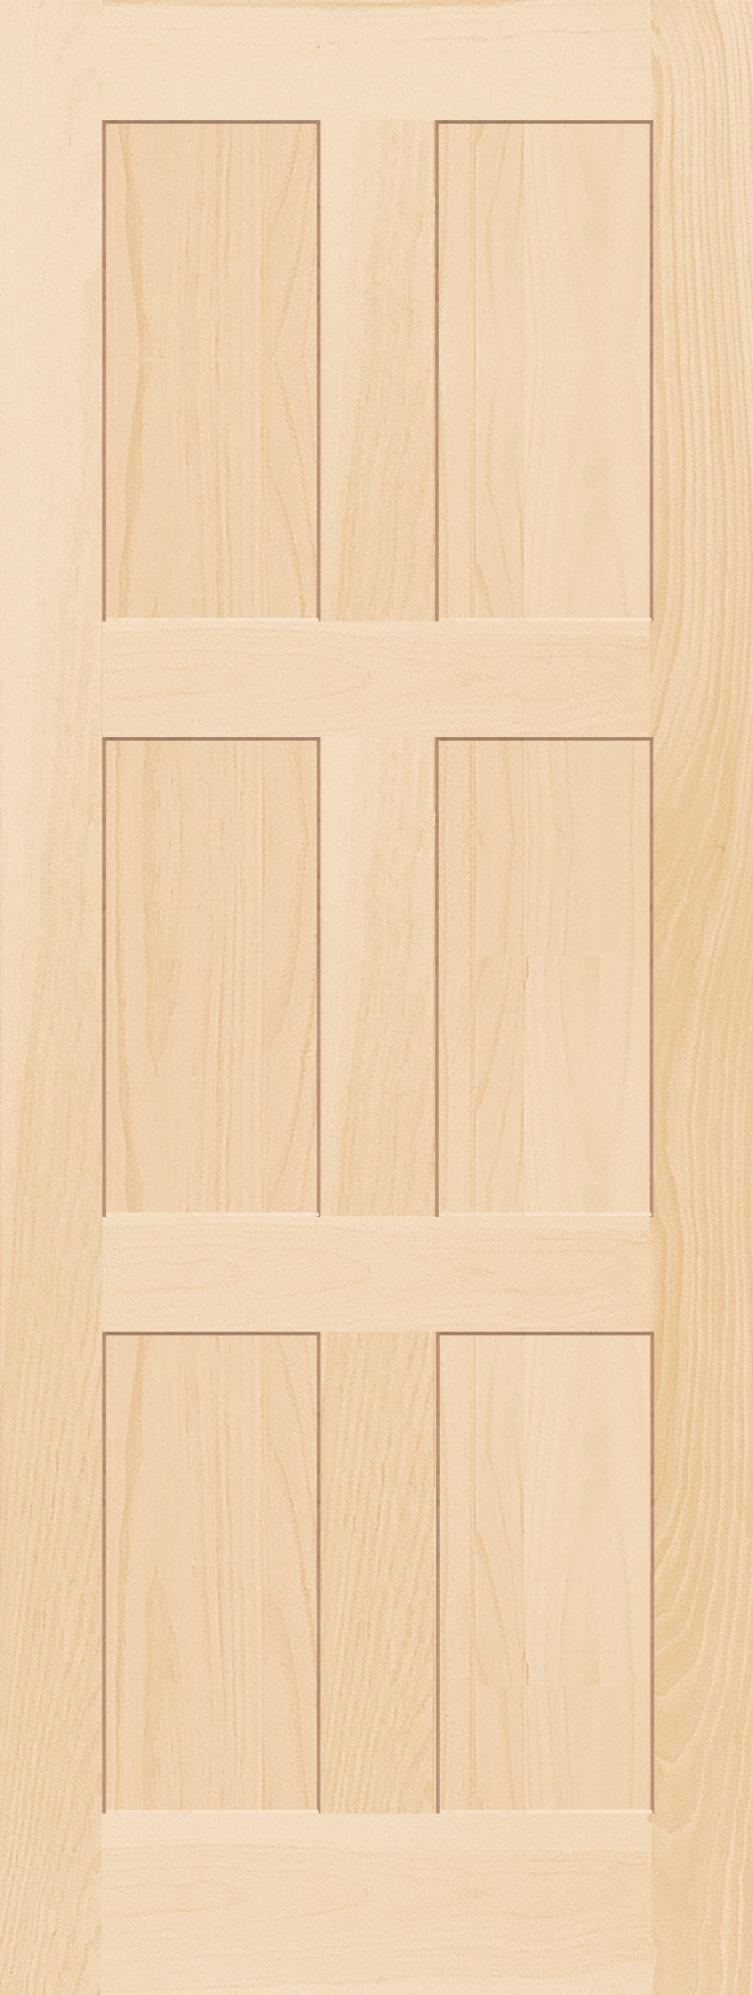 Shaker Interior Doors Jeld Wen And Doorsmith Proud Supplier